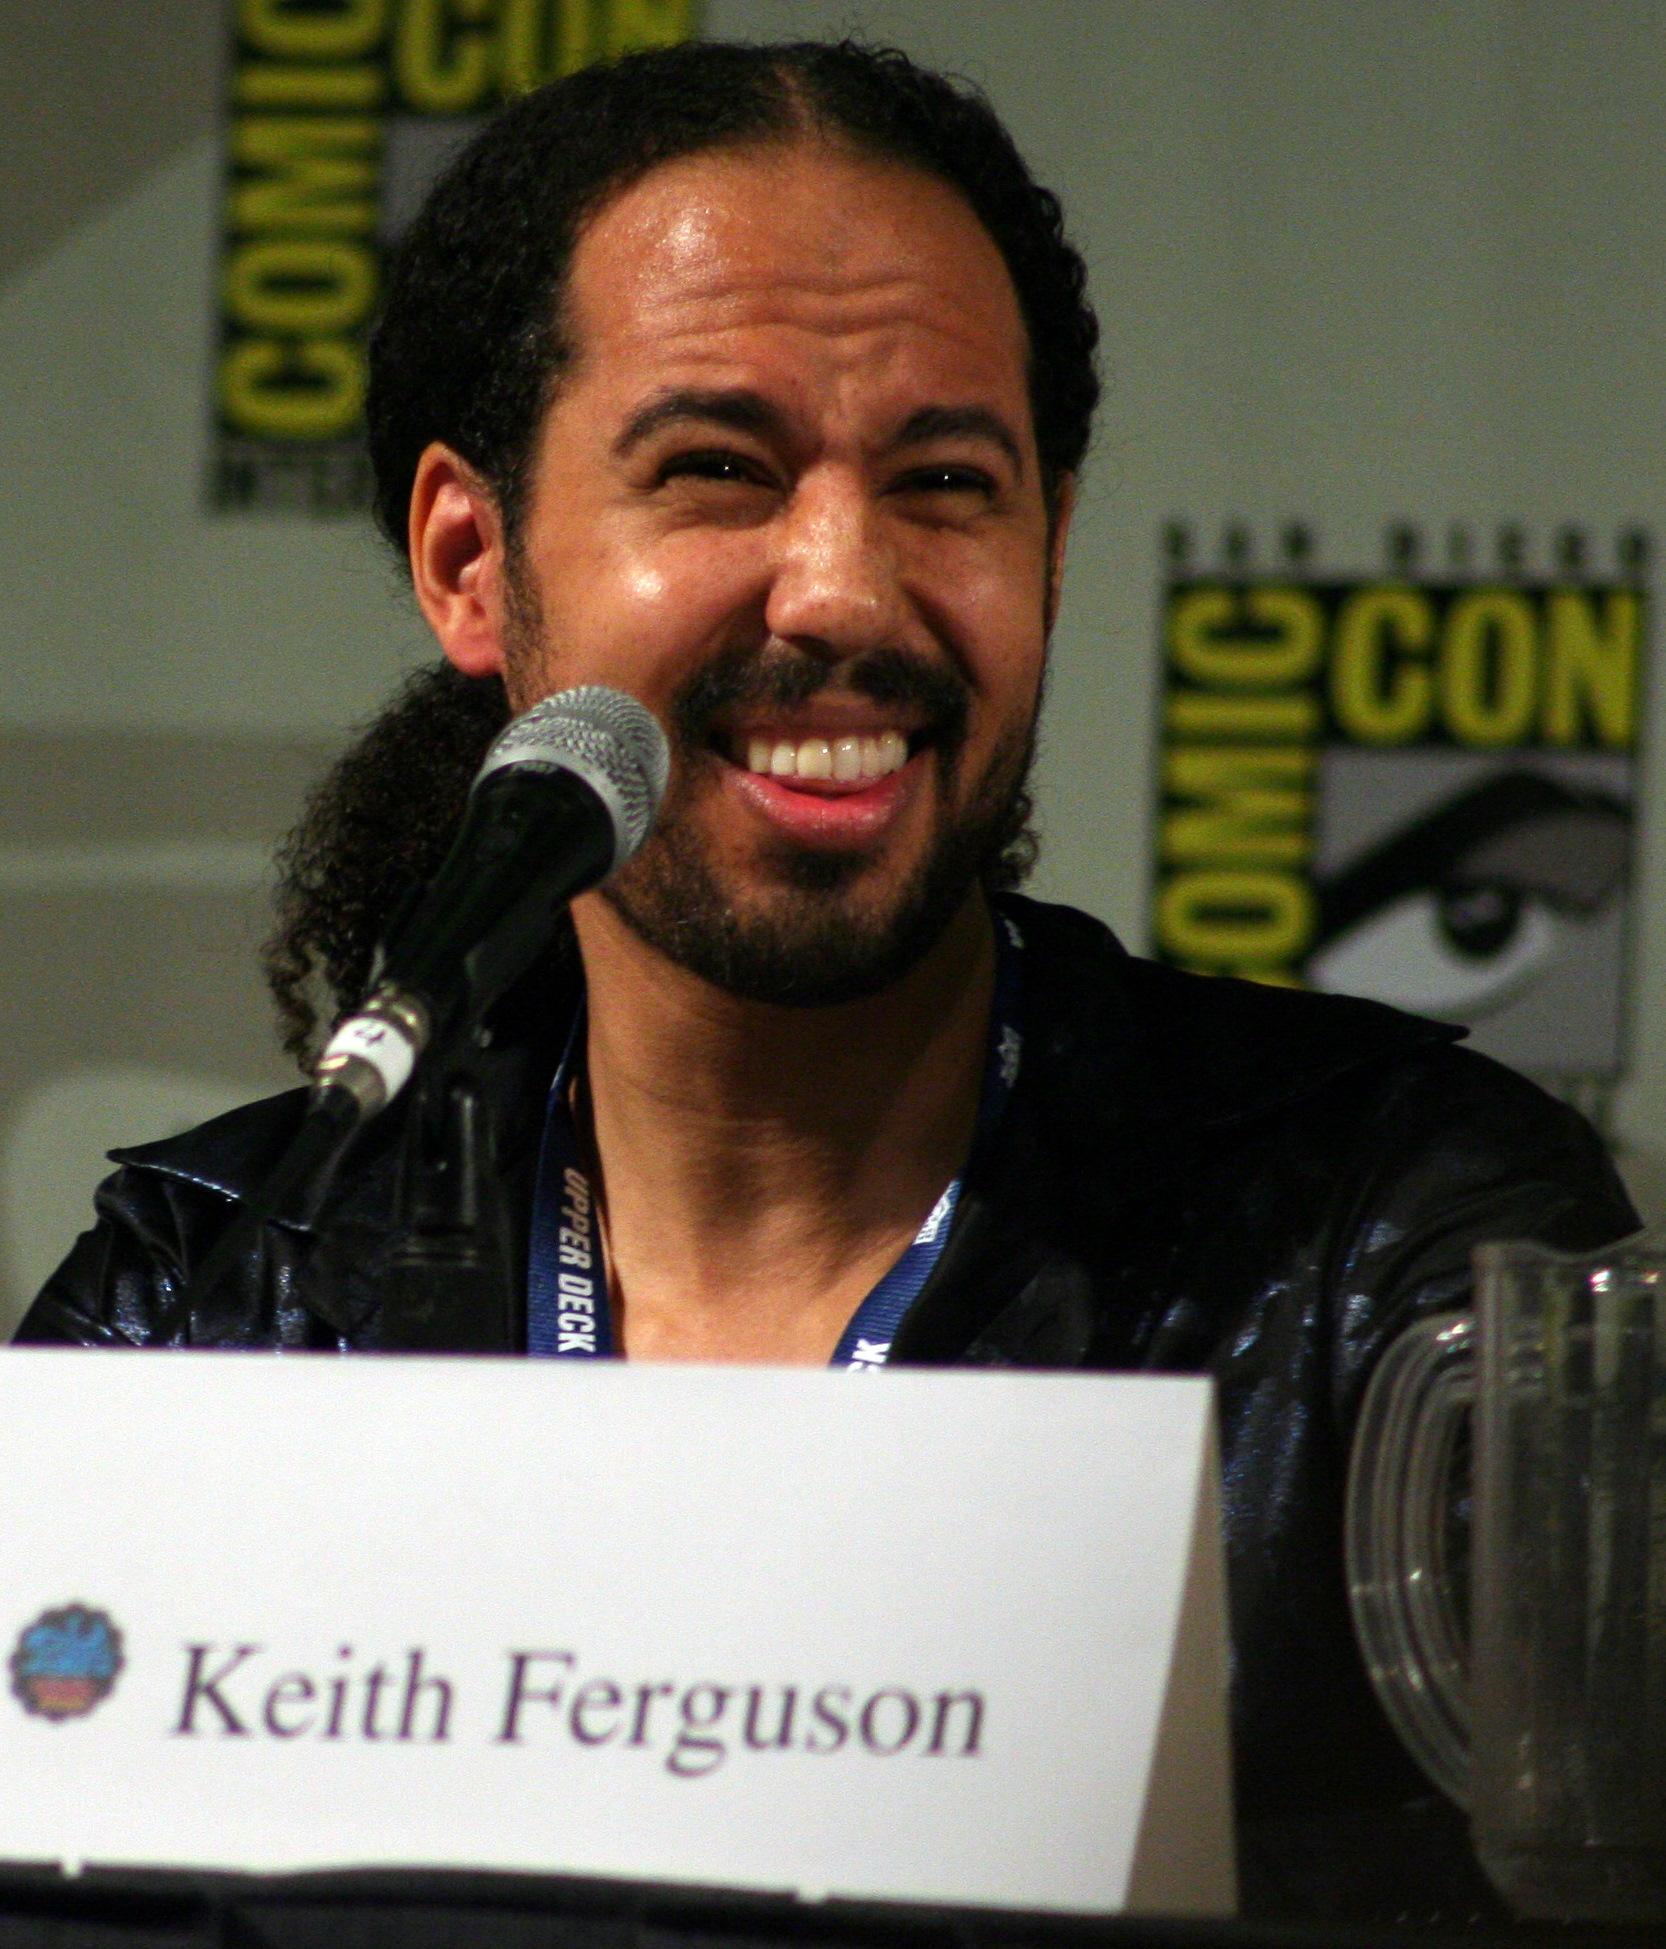 keith ferguson samurai jack wiki fandom powered by wikia